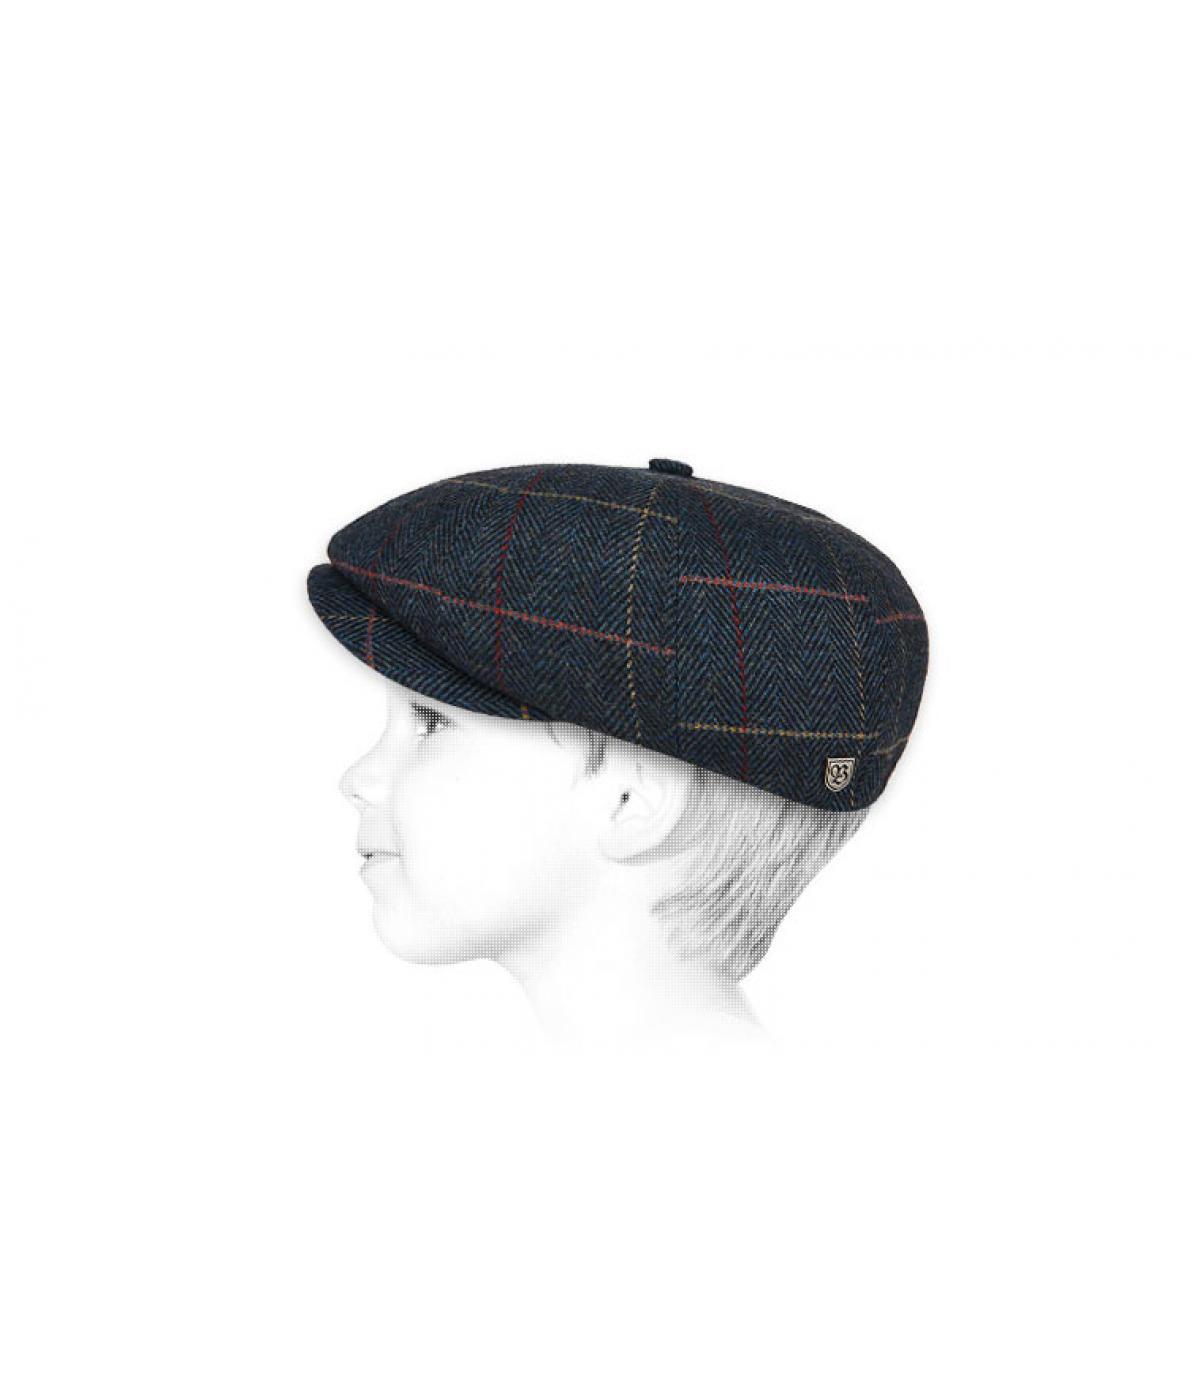 blauwe kind baret baret